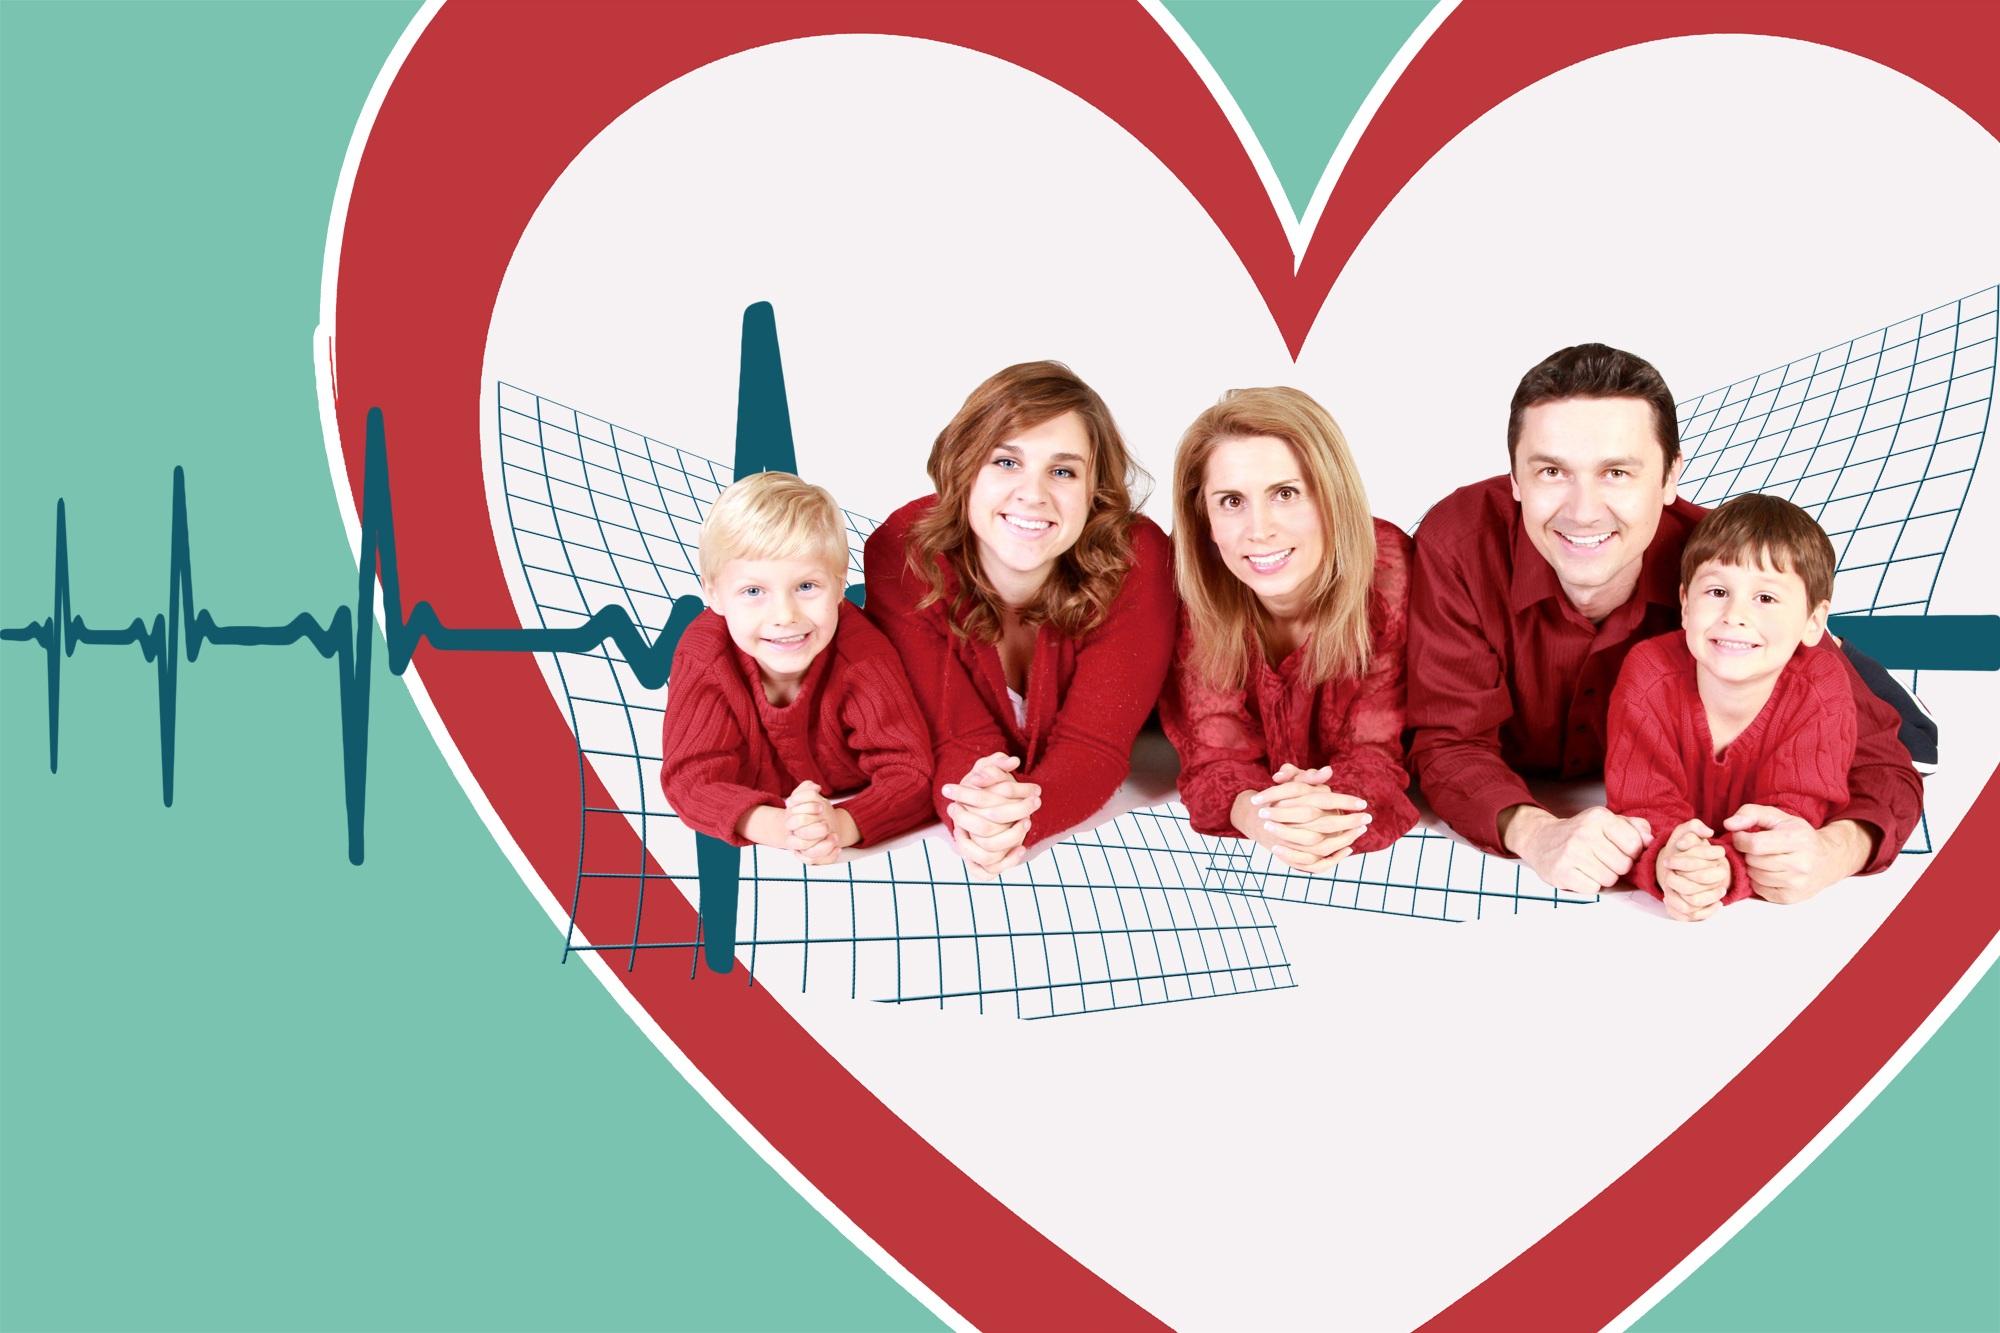 Vaikų hipertenzija: kodėl serga vaikai?   Karjera ir sveikata